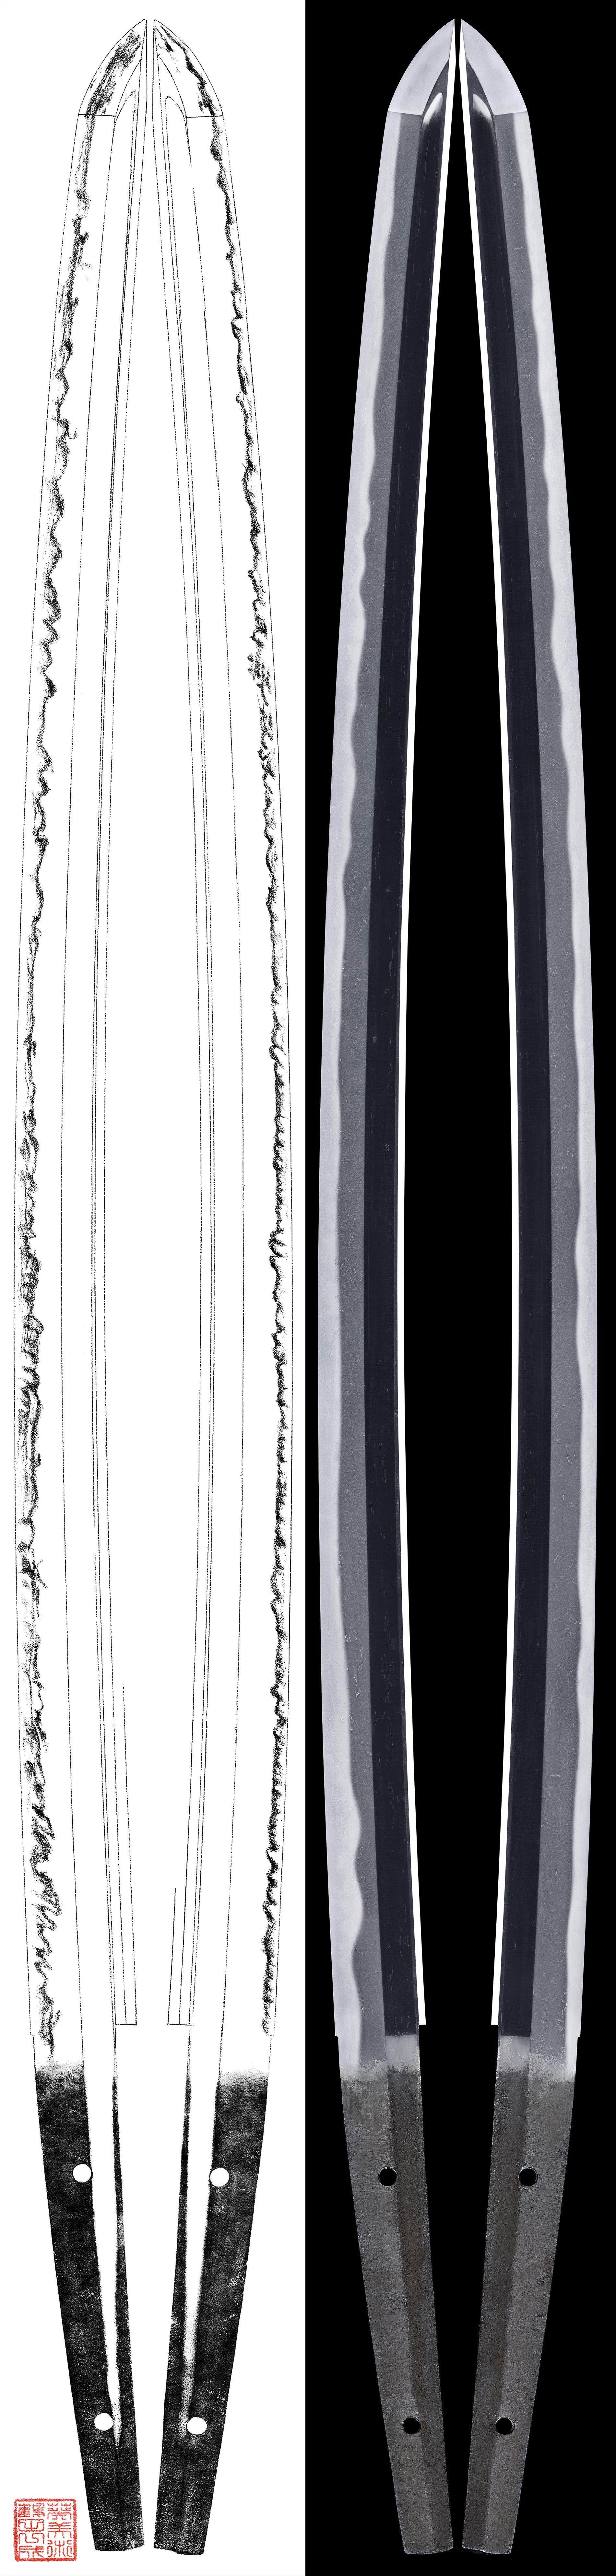 Order a paper katana sword